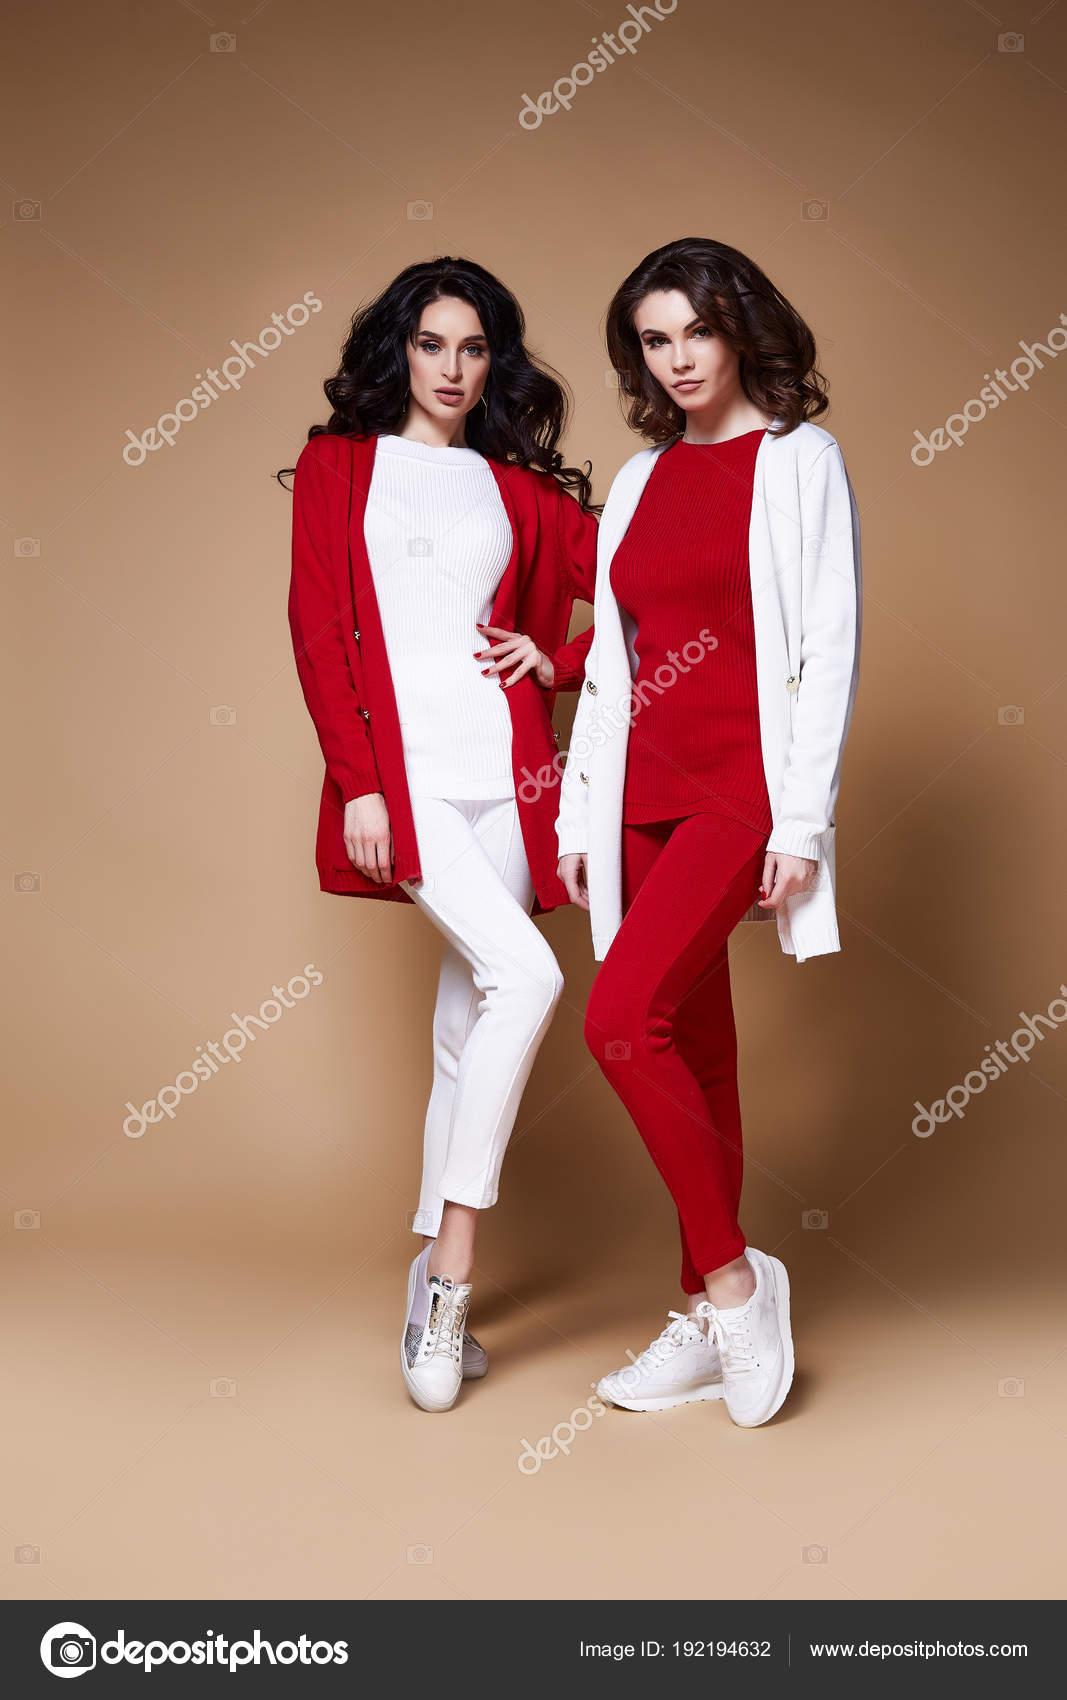 0c04e99417 Két szexi glamour divat modell nő hosszú göndör barna haj viselnek piros fehér  alkalmi ruha sportcipő és gyapjú kardigán barátom fél stílus vagy dátum ...